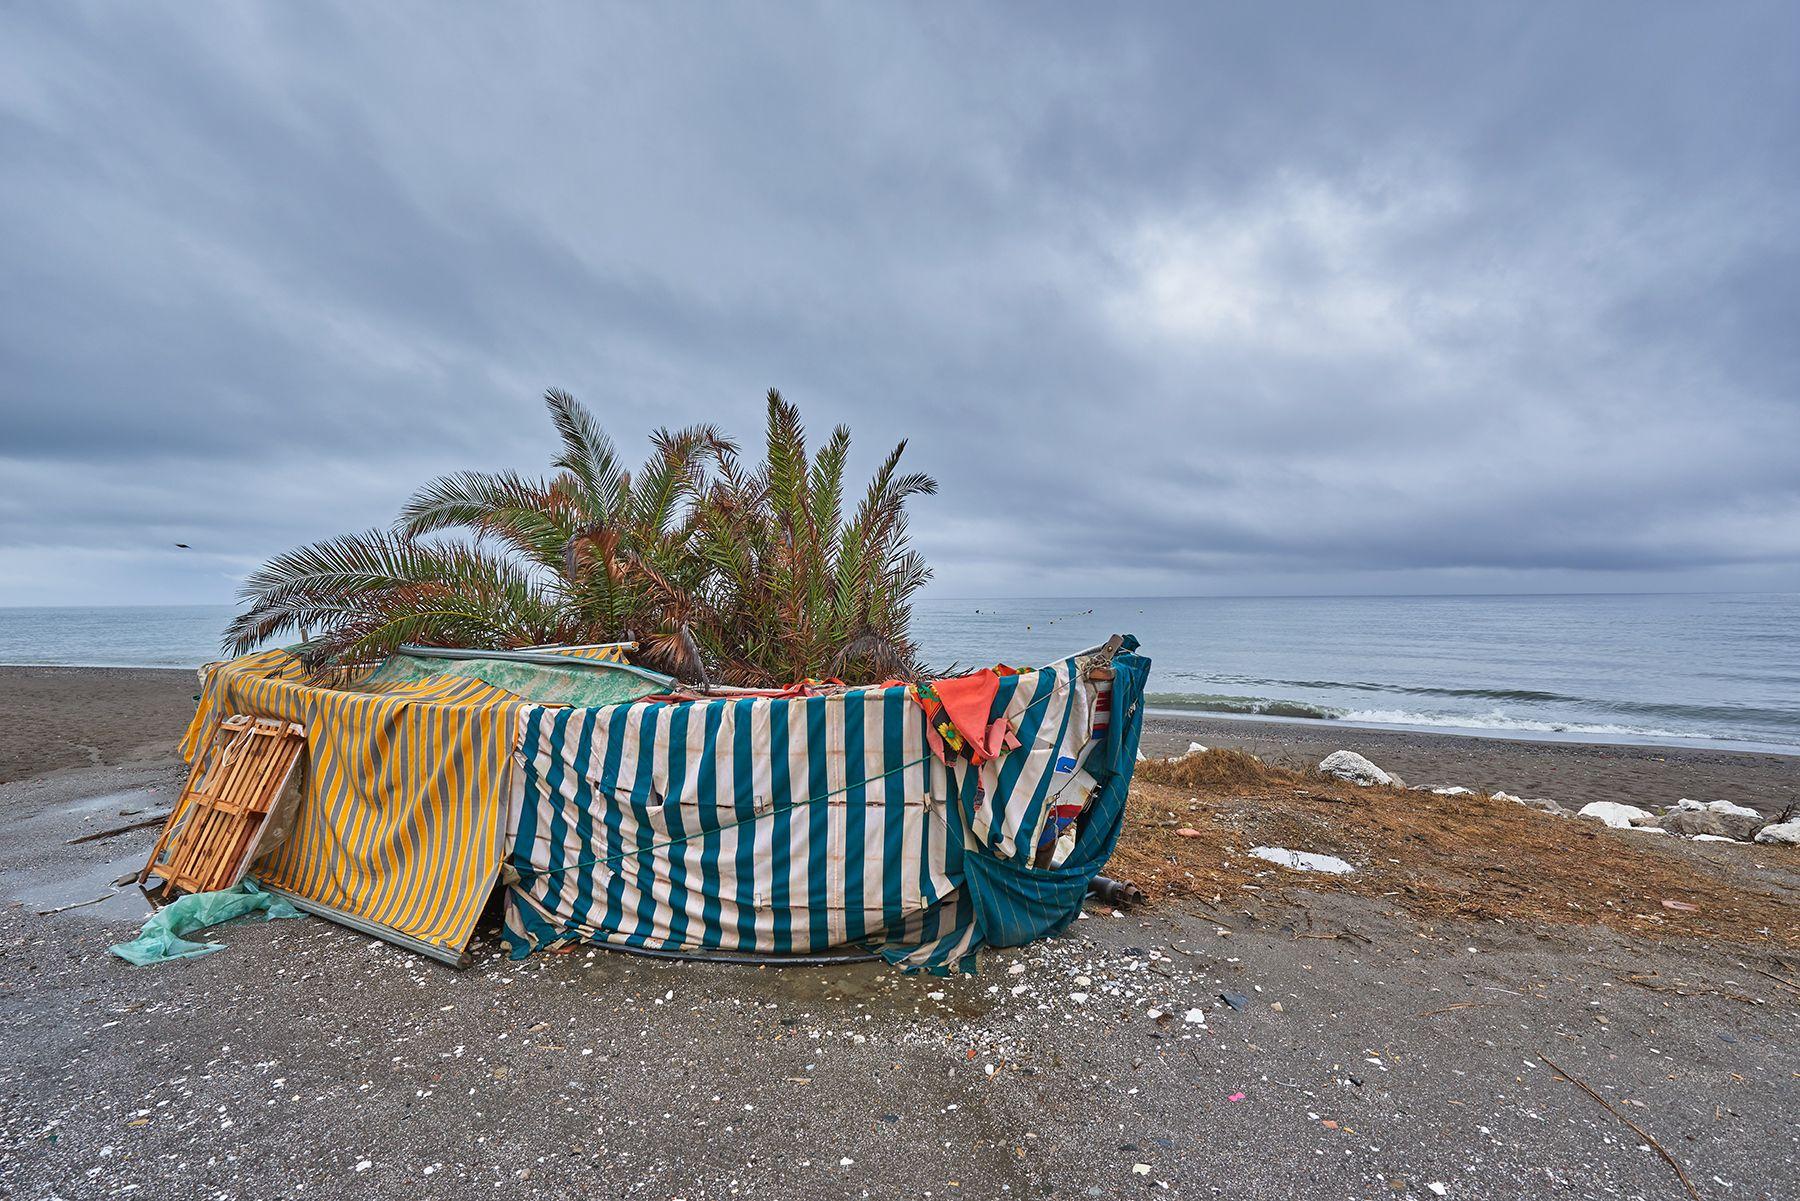 Barco varado en la playa